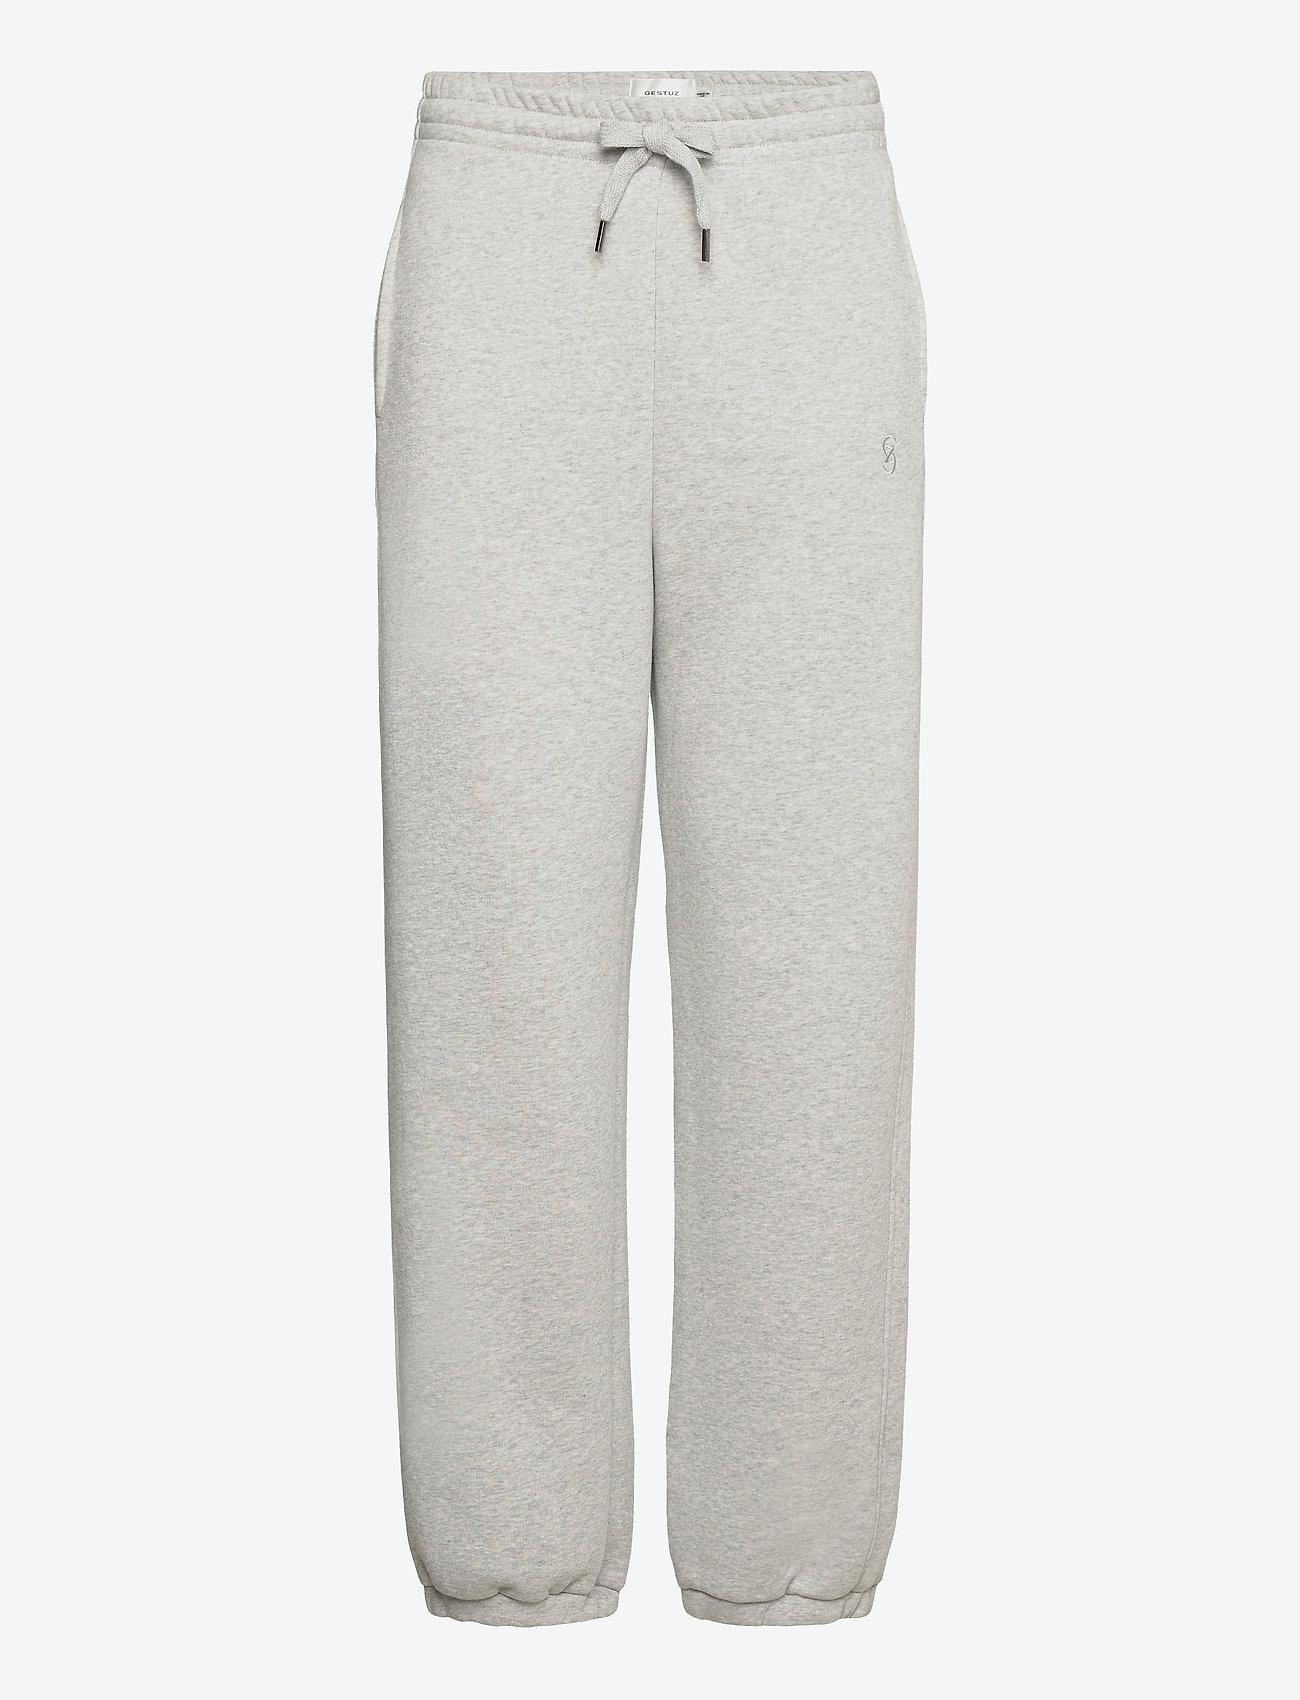 Gestuz - RubiGZ HW pants NOOS - sweatpants - grey melange - 0